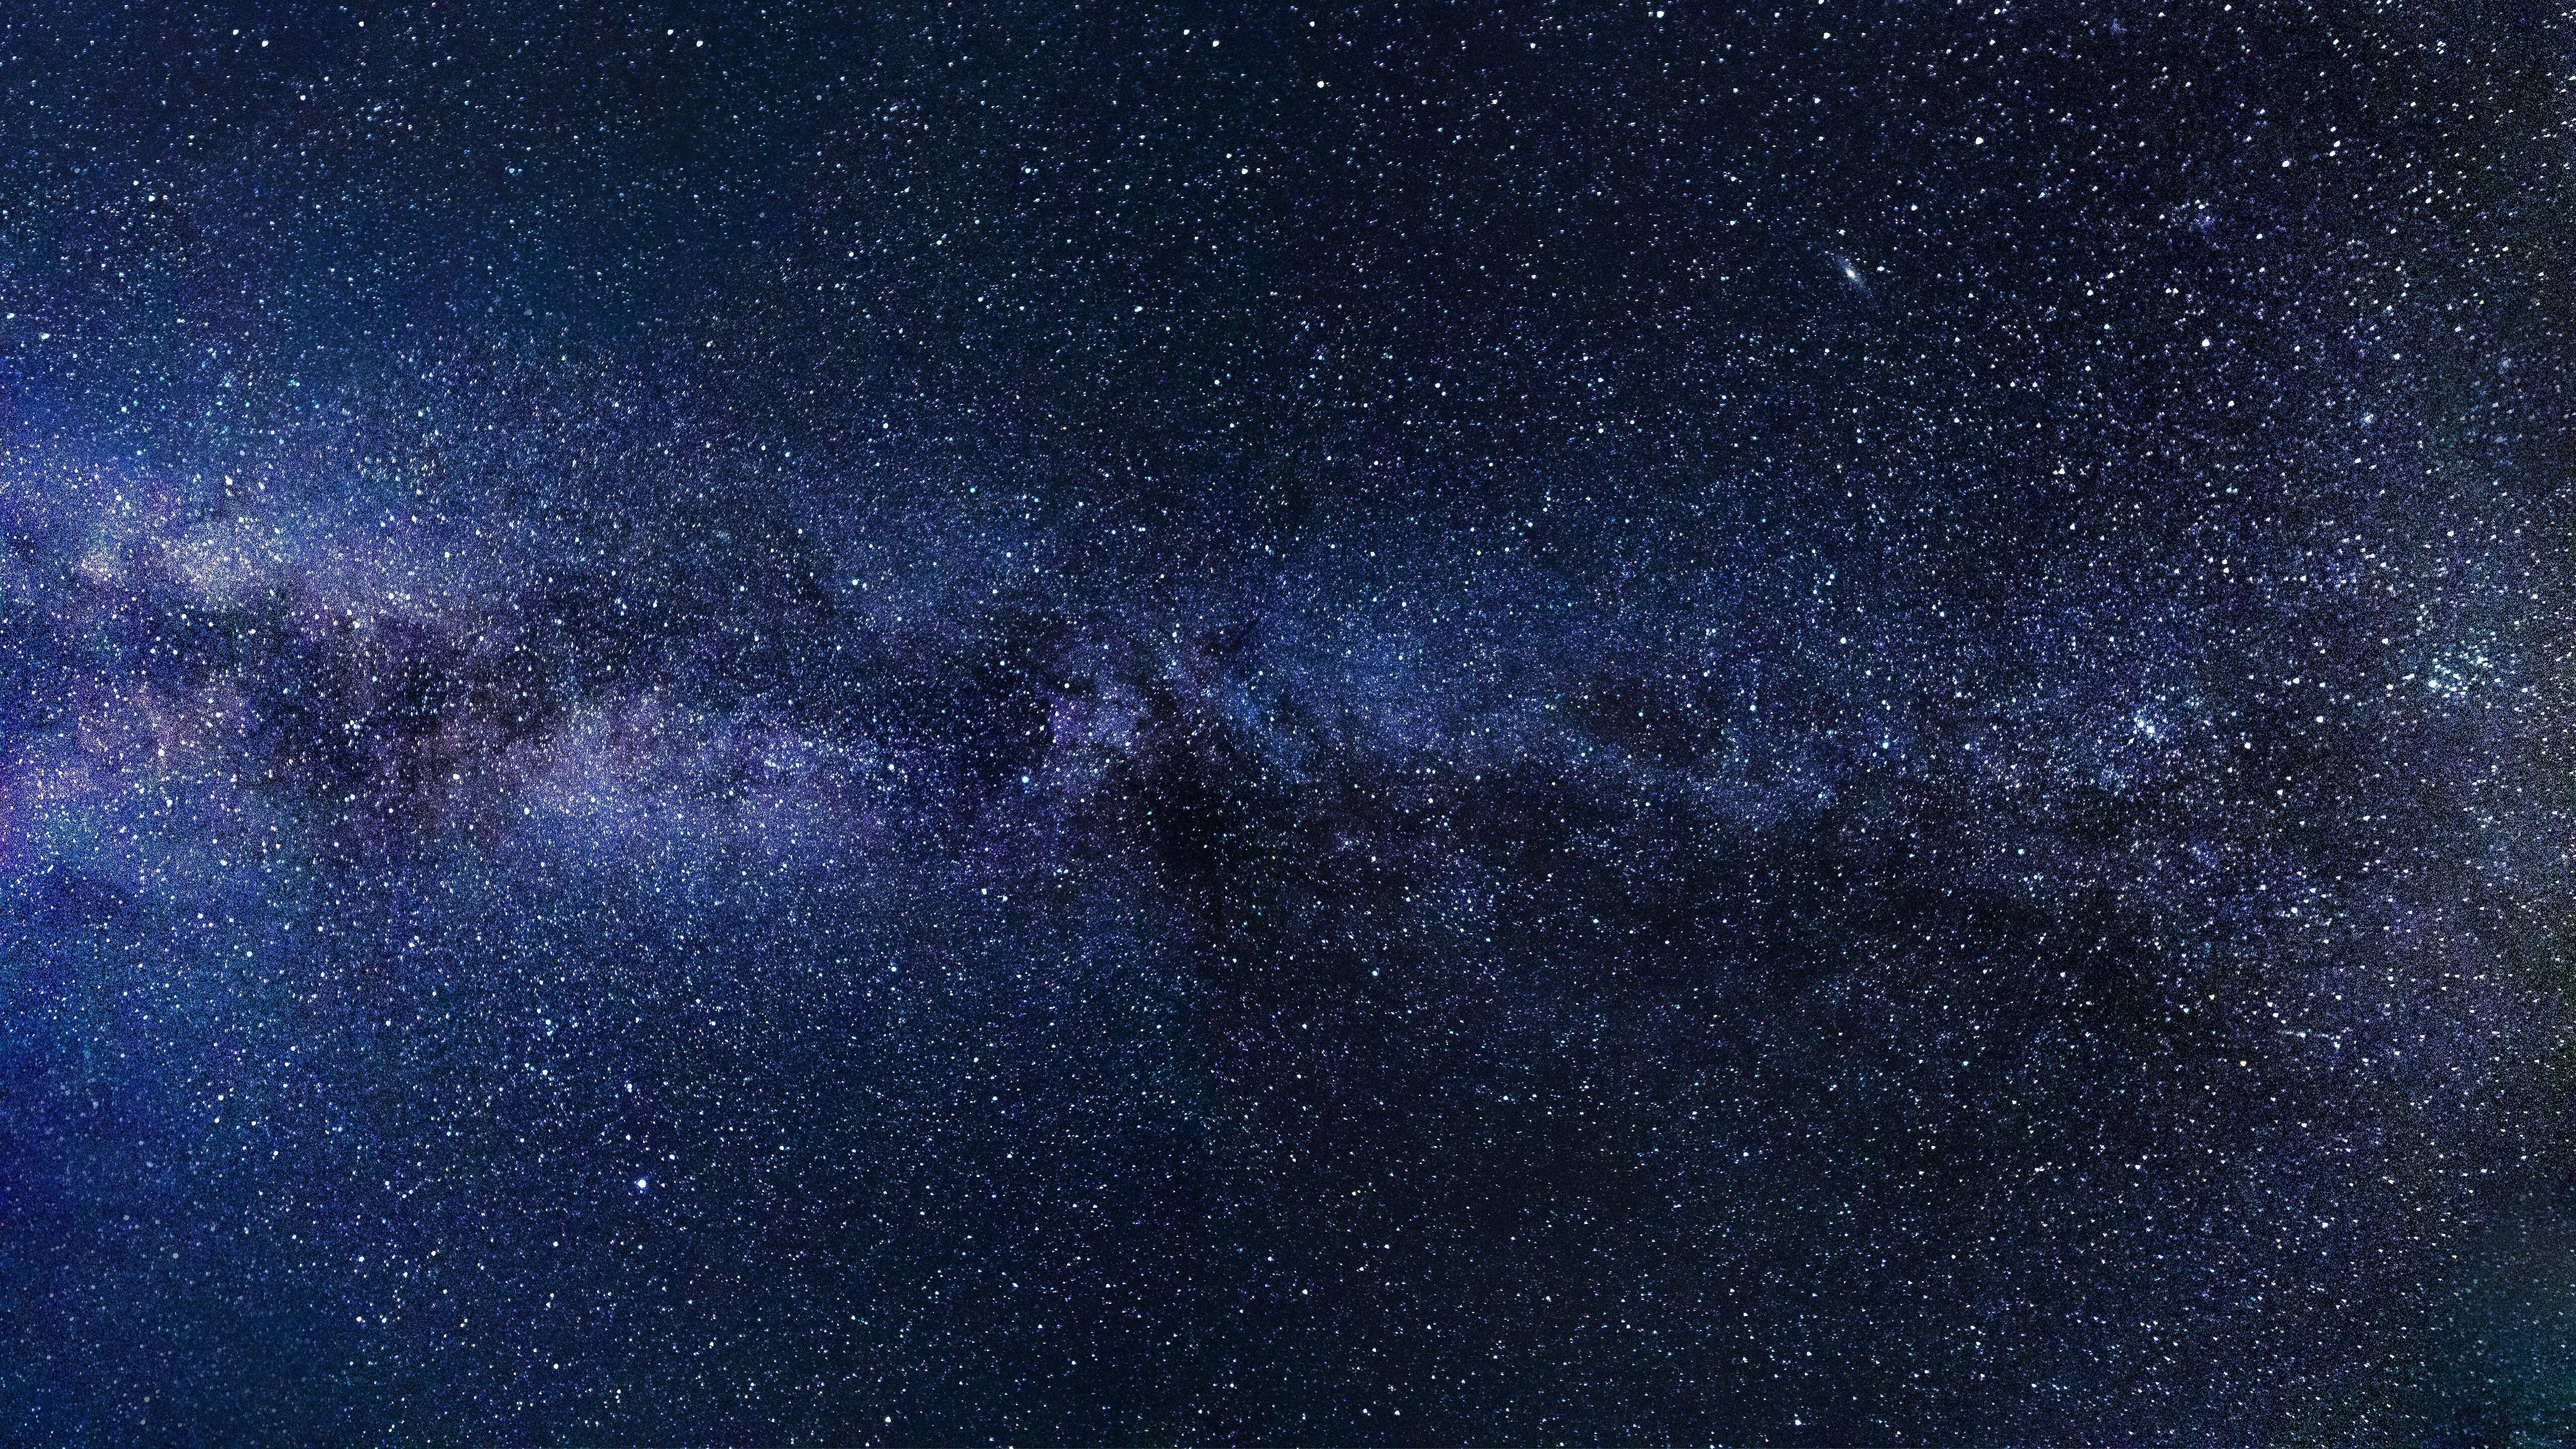 5120x2880 milky way starry sky night 5k 5k hd 4k - Starry sky 4k ...